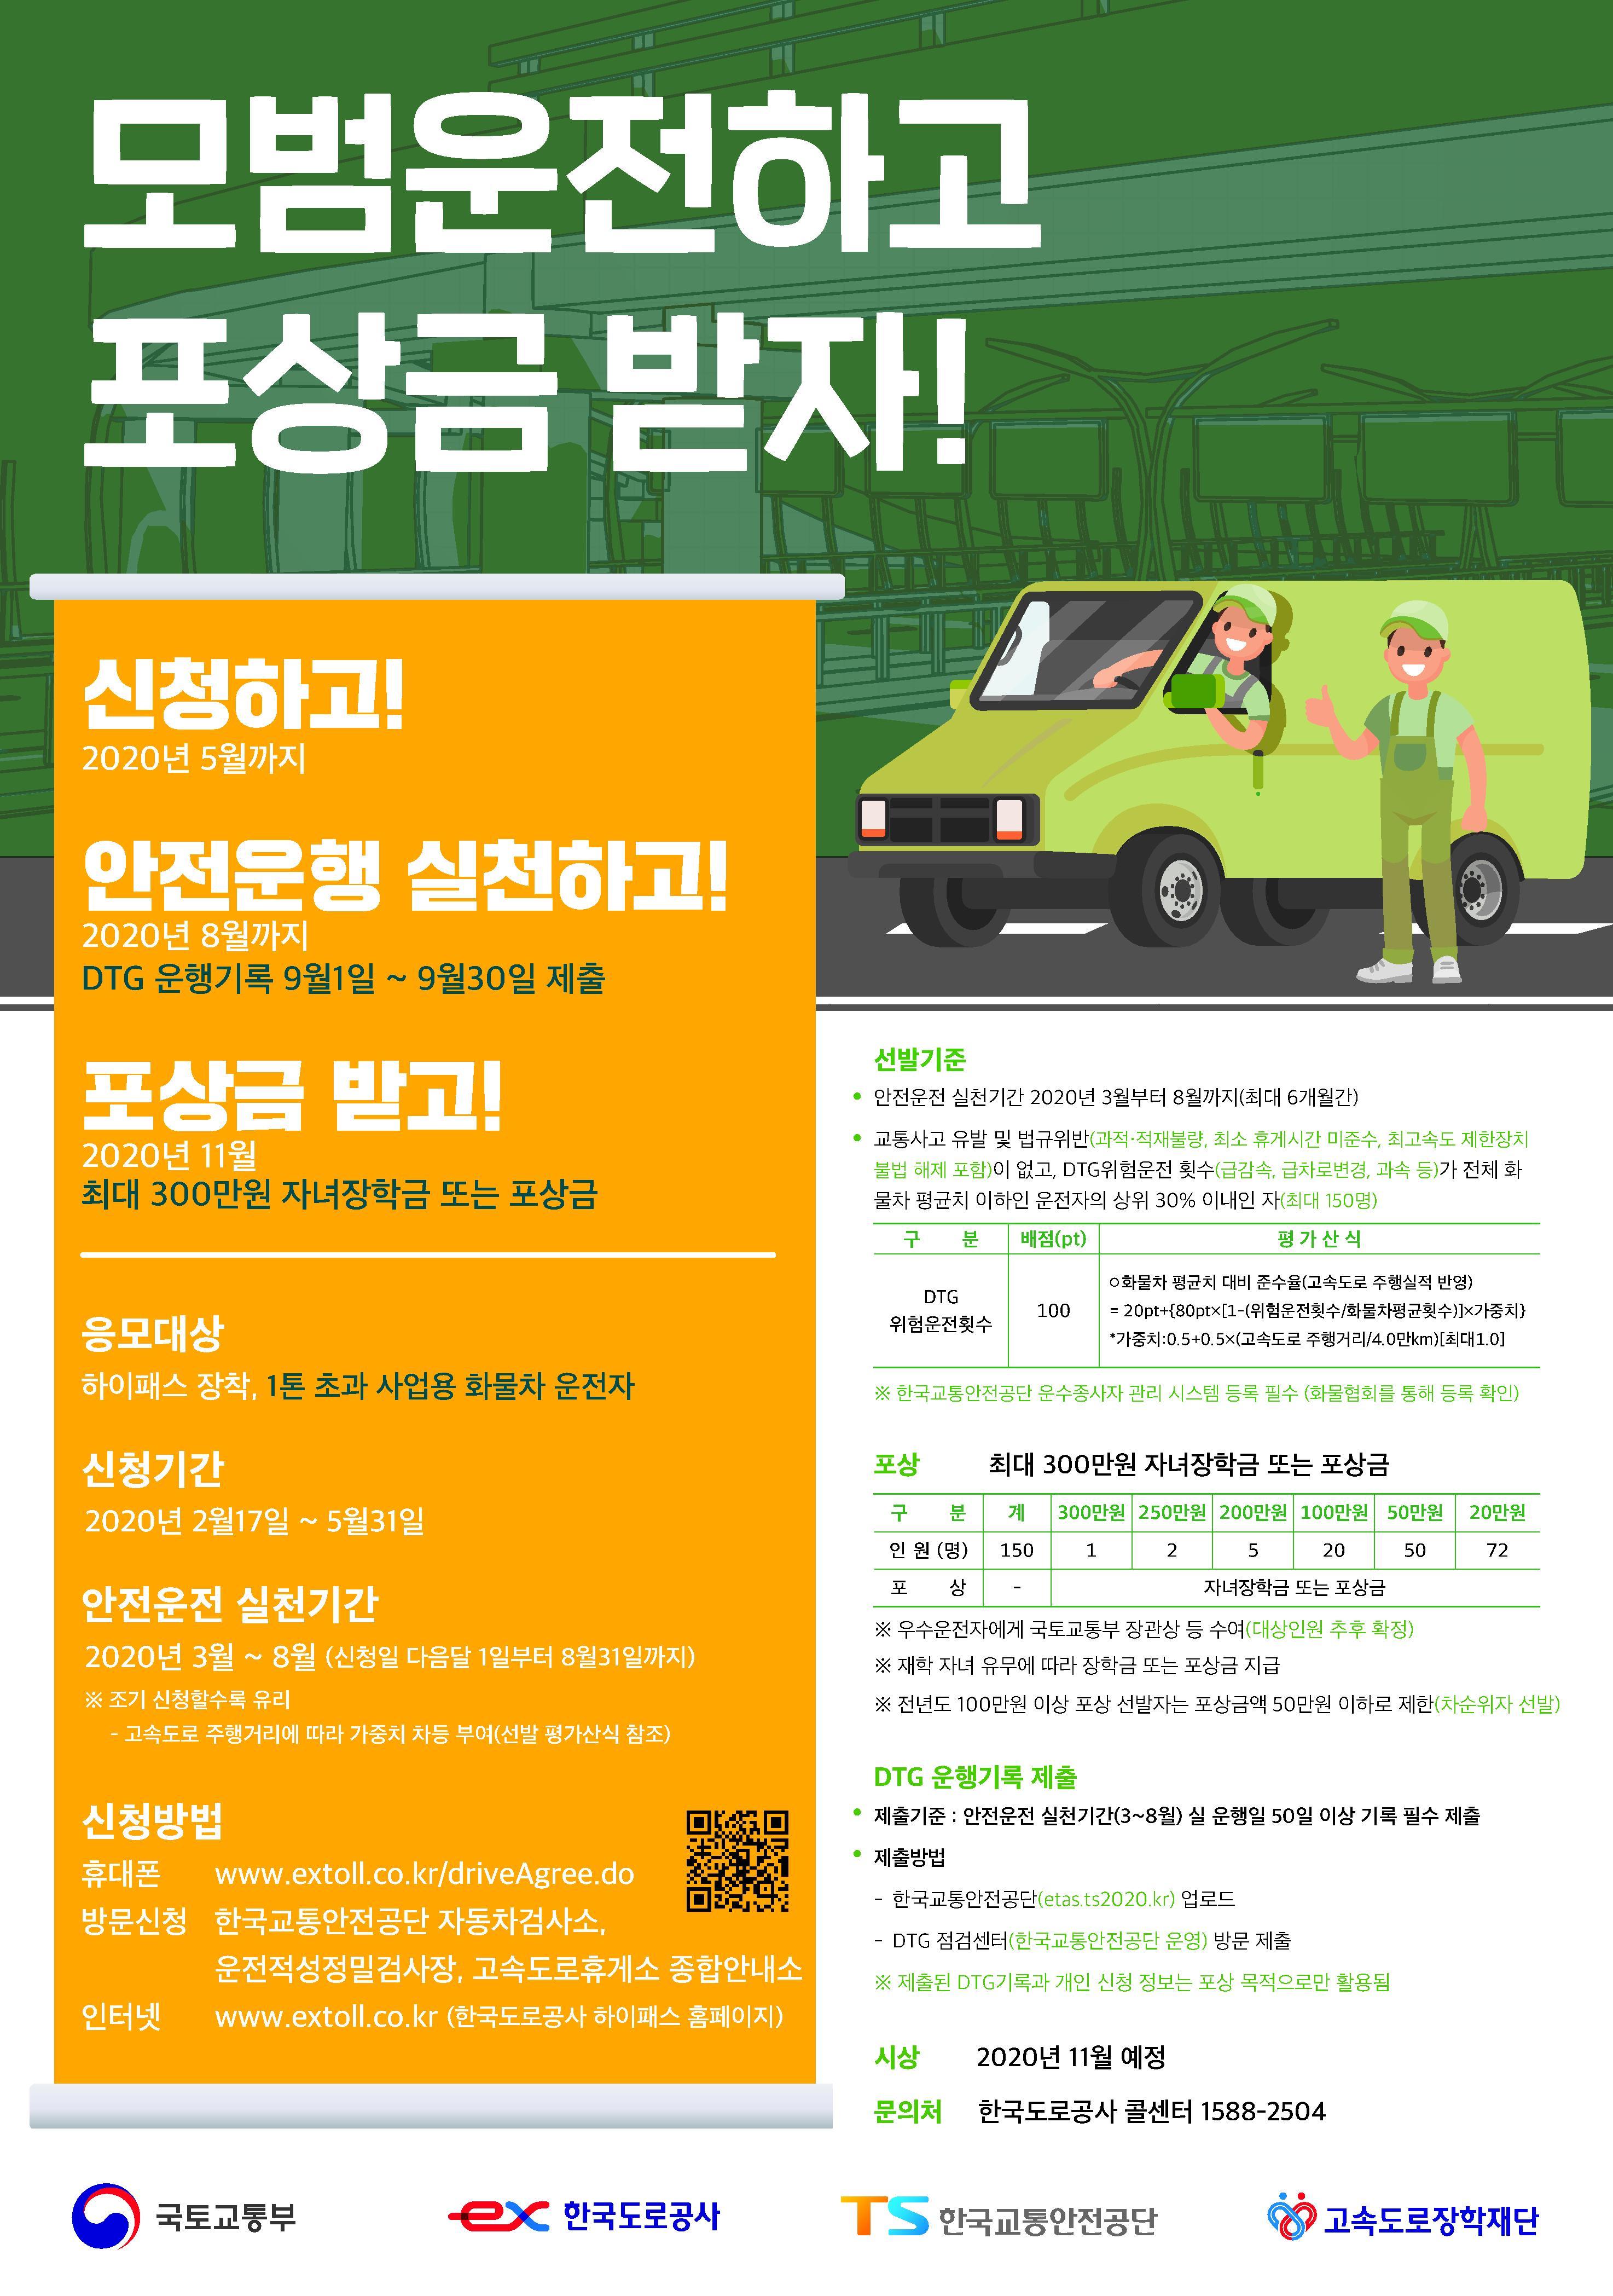 한국도로공사,모범 화물운전자 150명 선발해 자녀장학금 또는 포상금 최대 300만원 지급